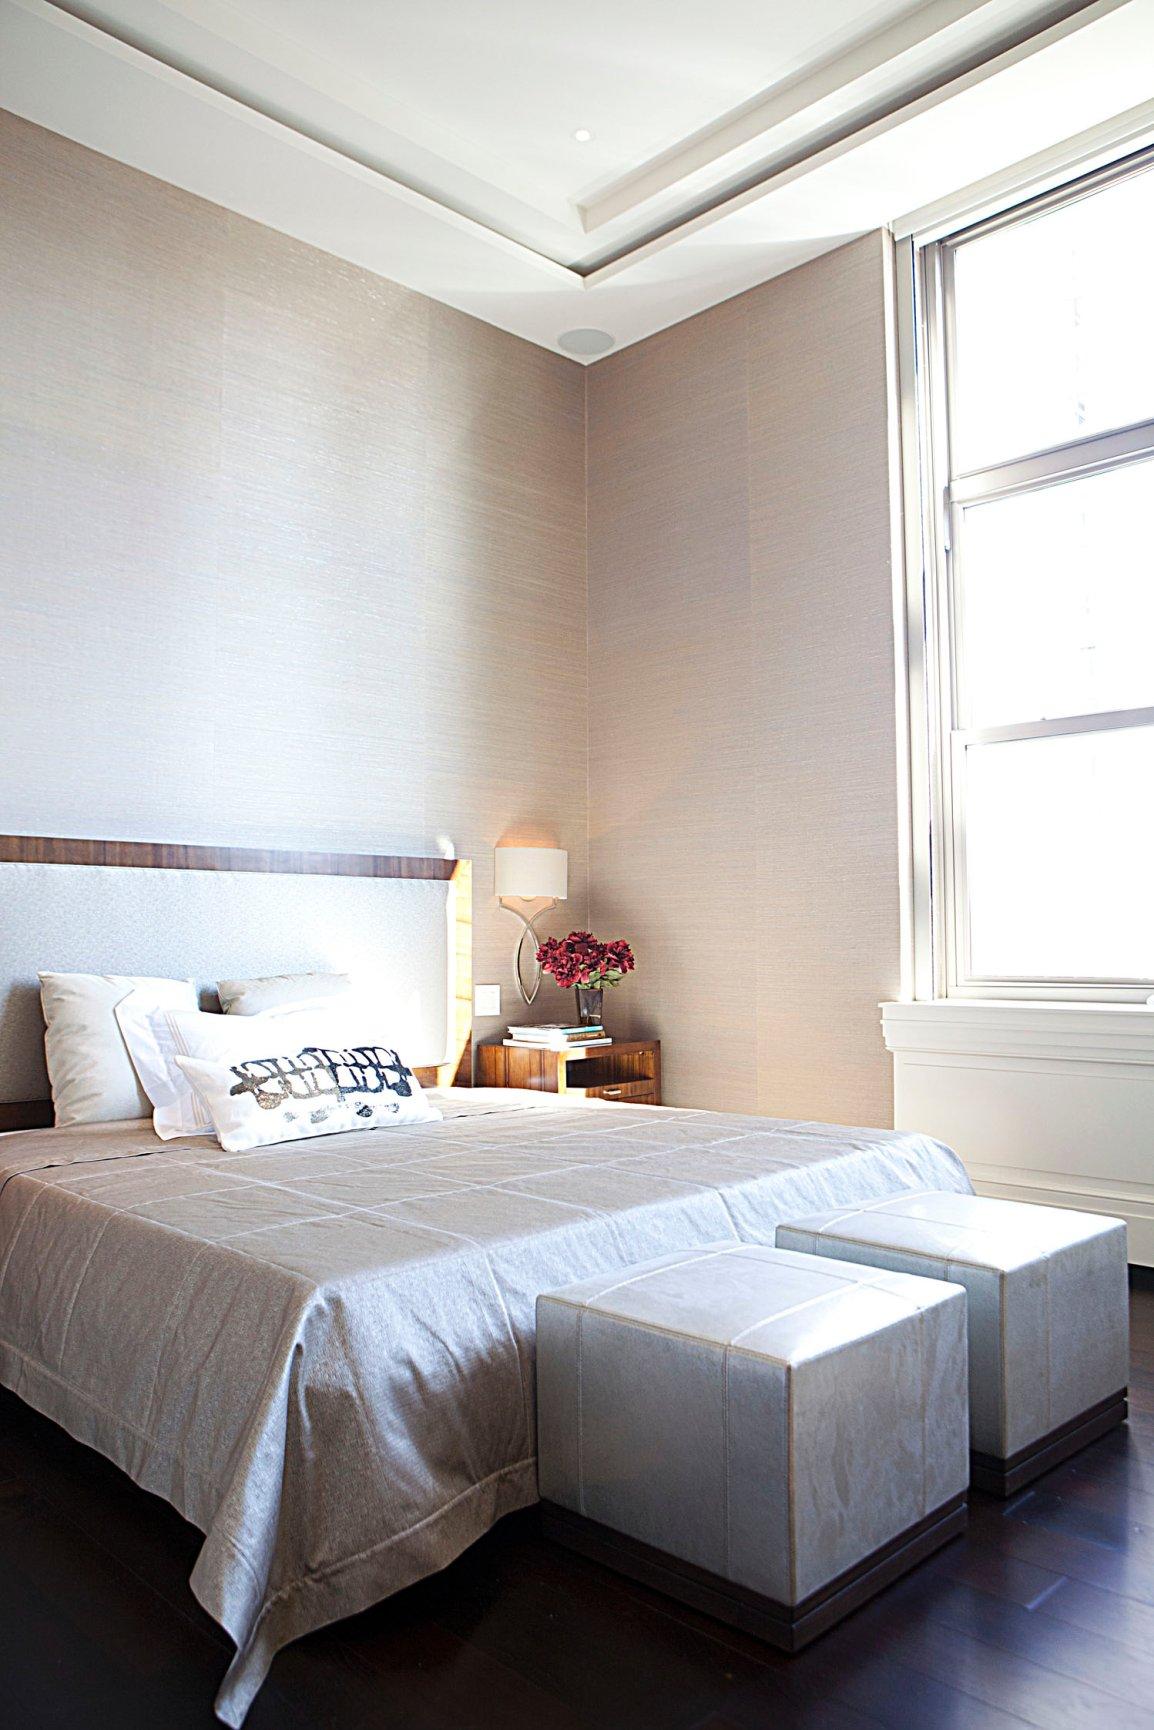 joy moyler Joy Moyler: 10 Best Interior Design Projects Joy Moyler 10 Best Interior Design Projects 2